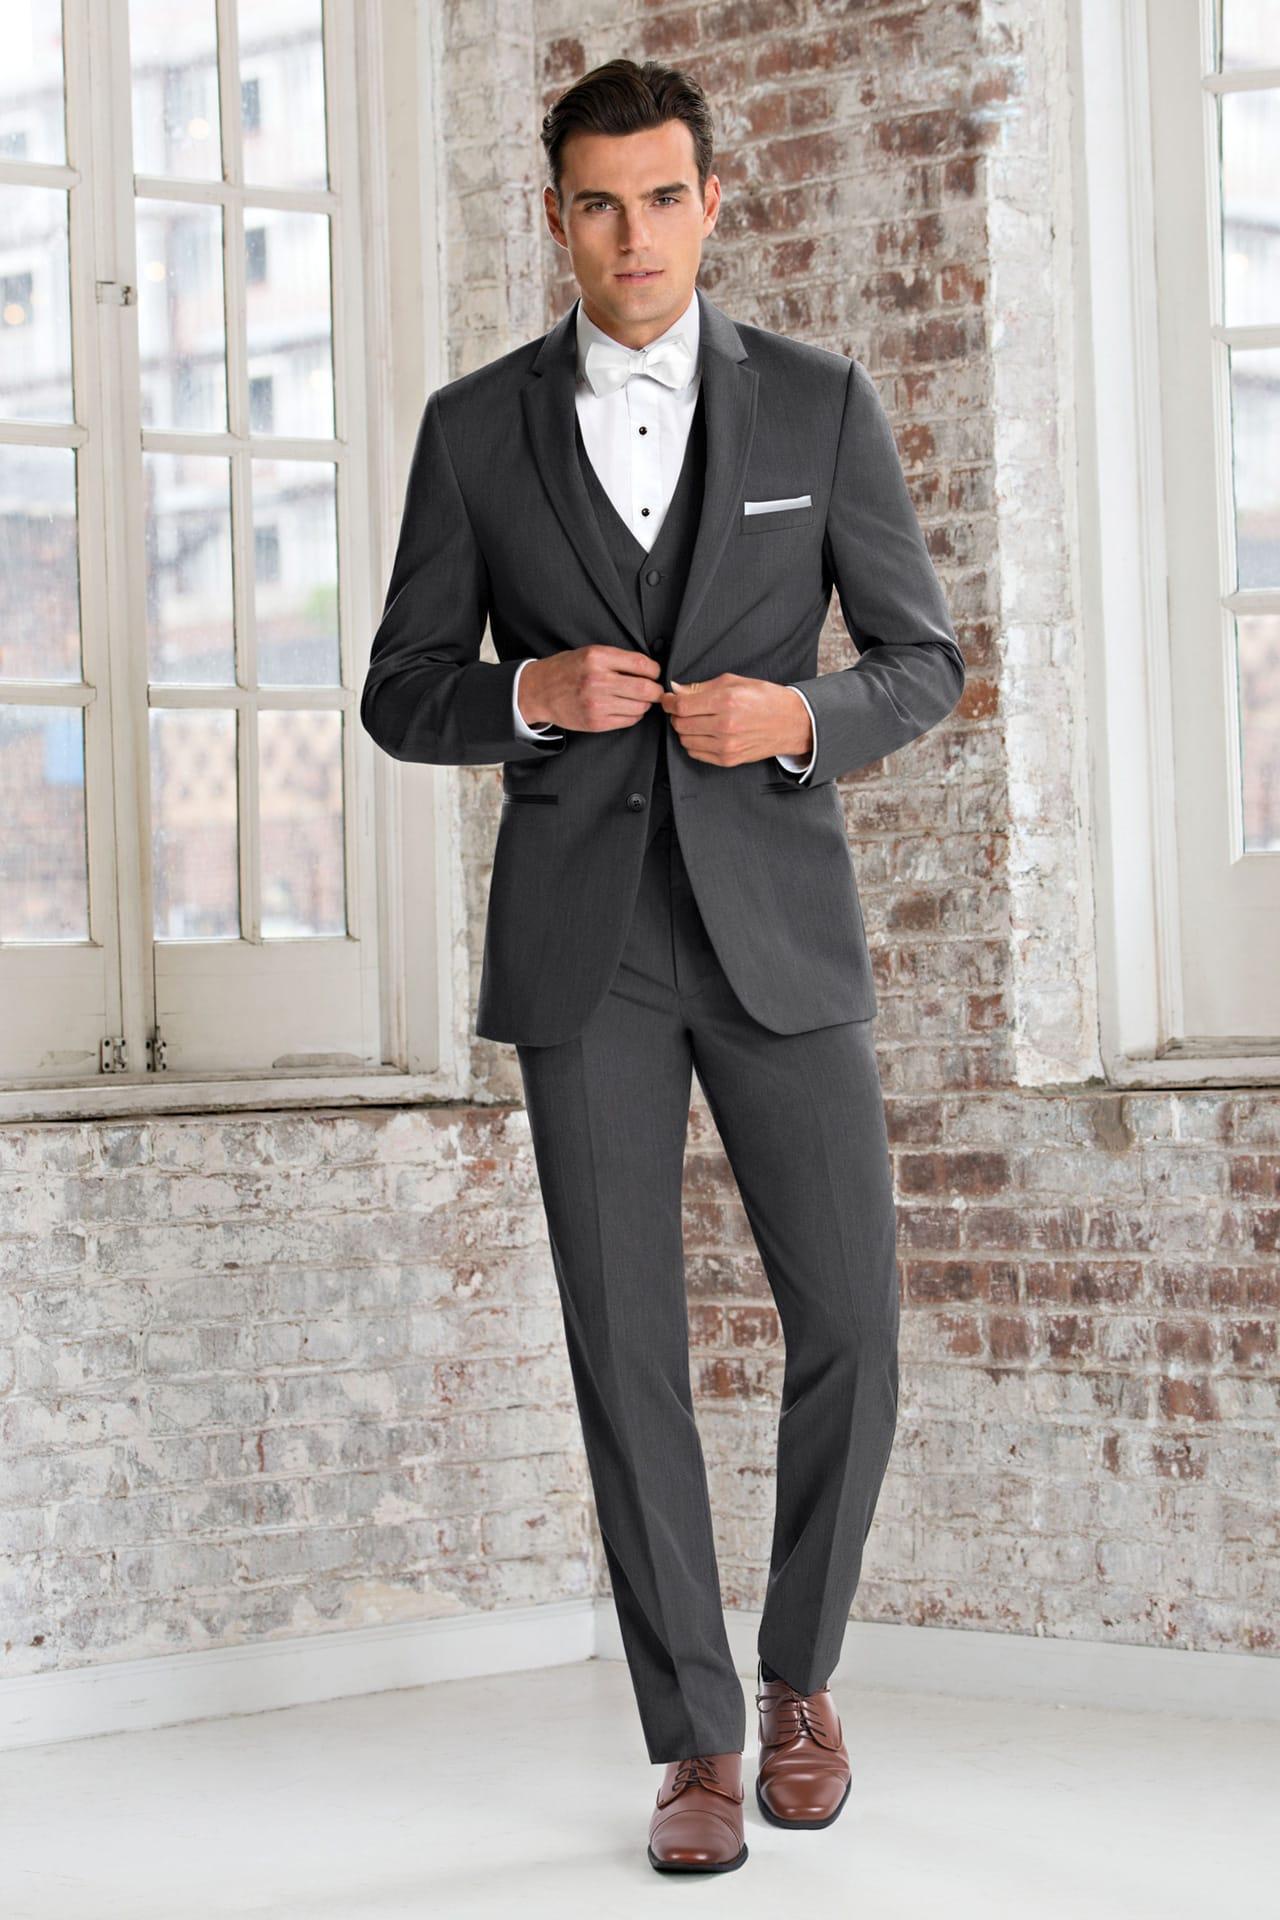 Michael Kors Ultra Slim Steel Grey Sterling Wedding Suit Ultra ...